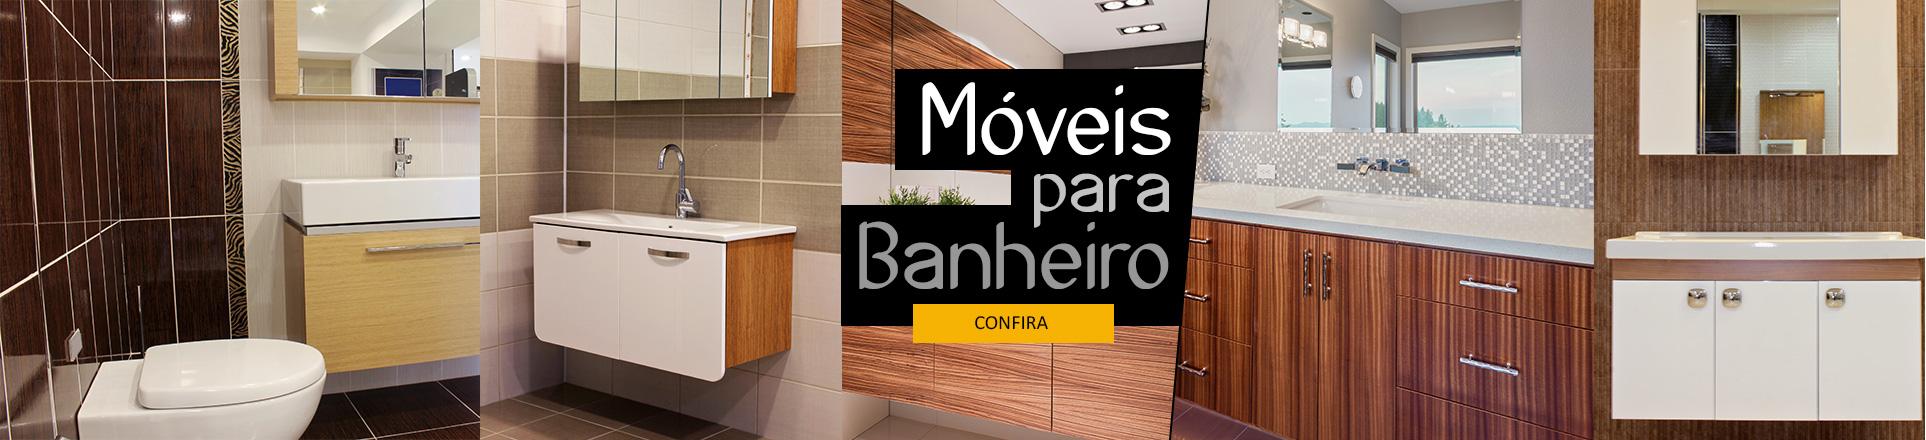 Banner 2 - Móveis para Banheiro